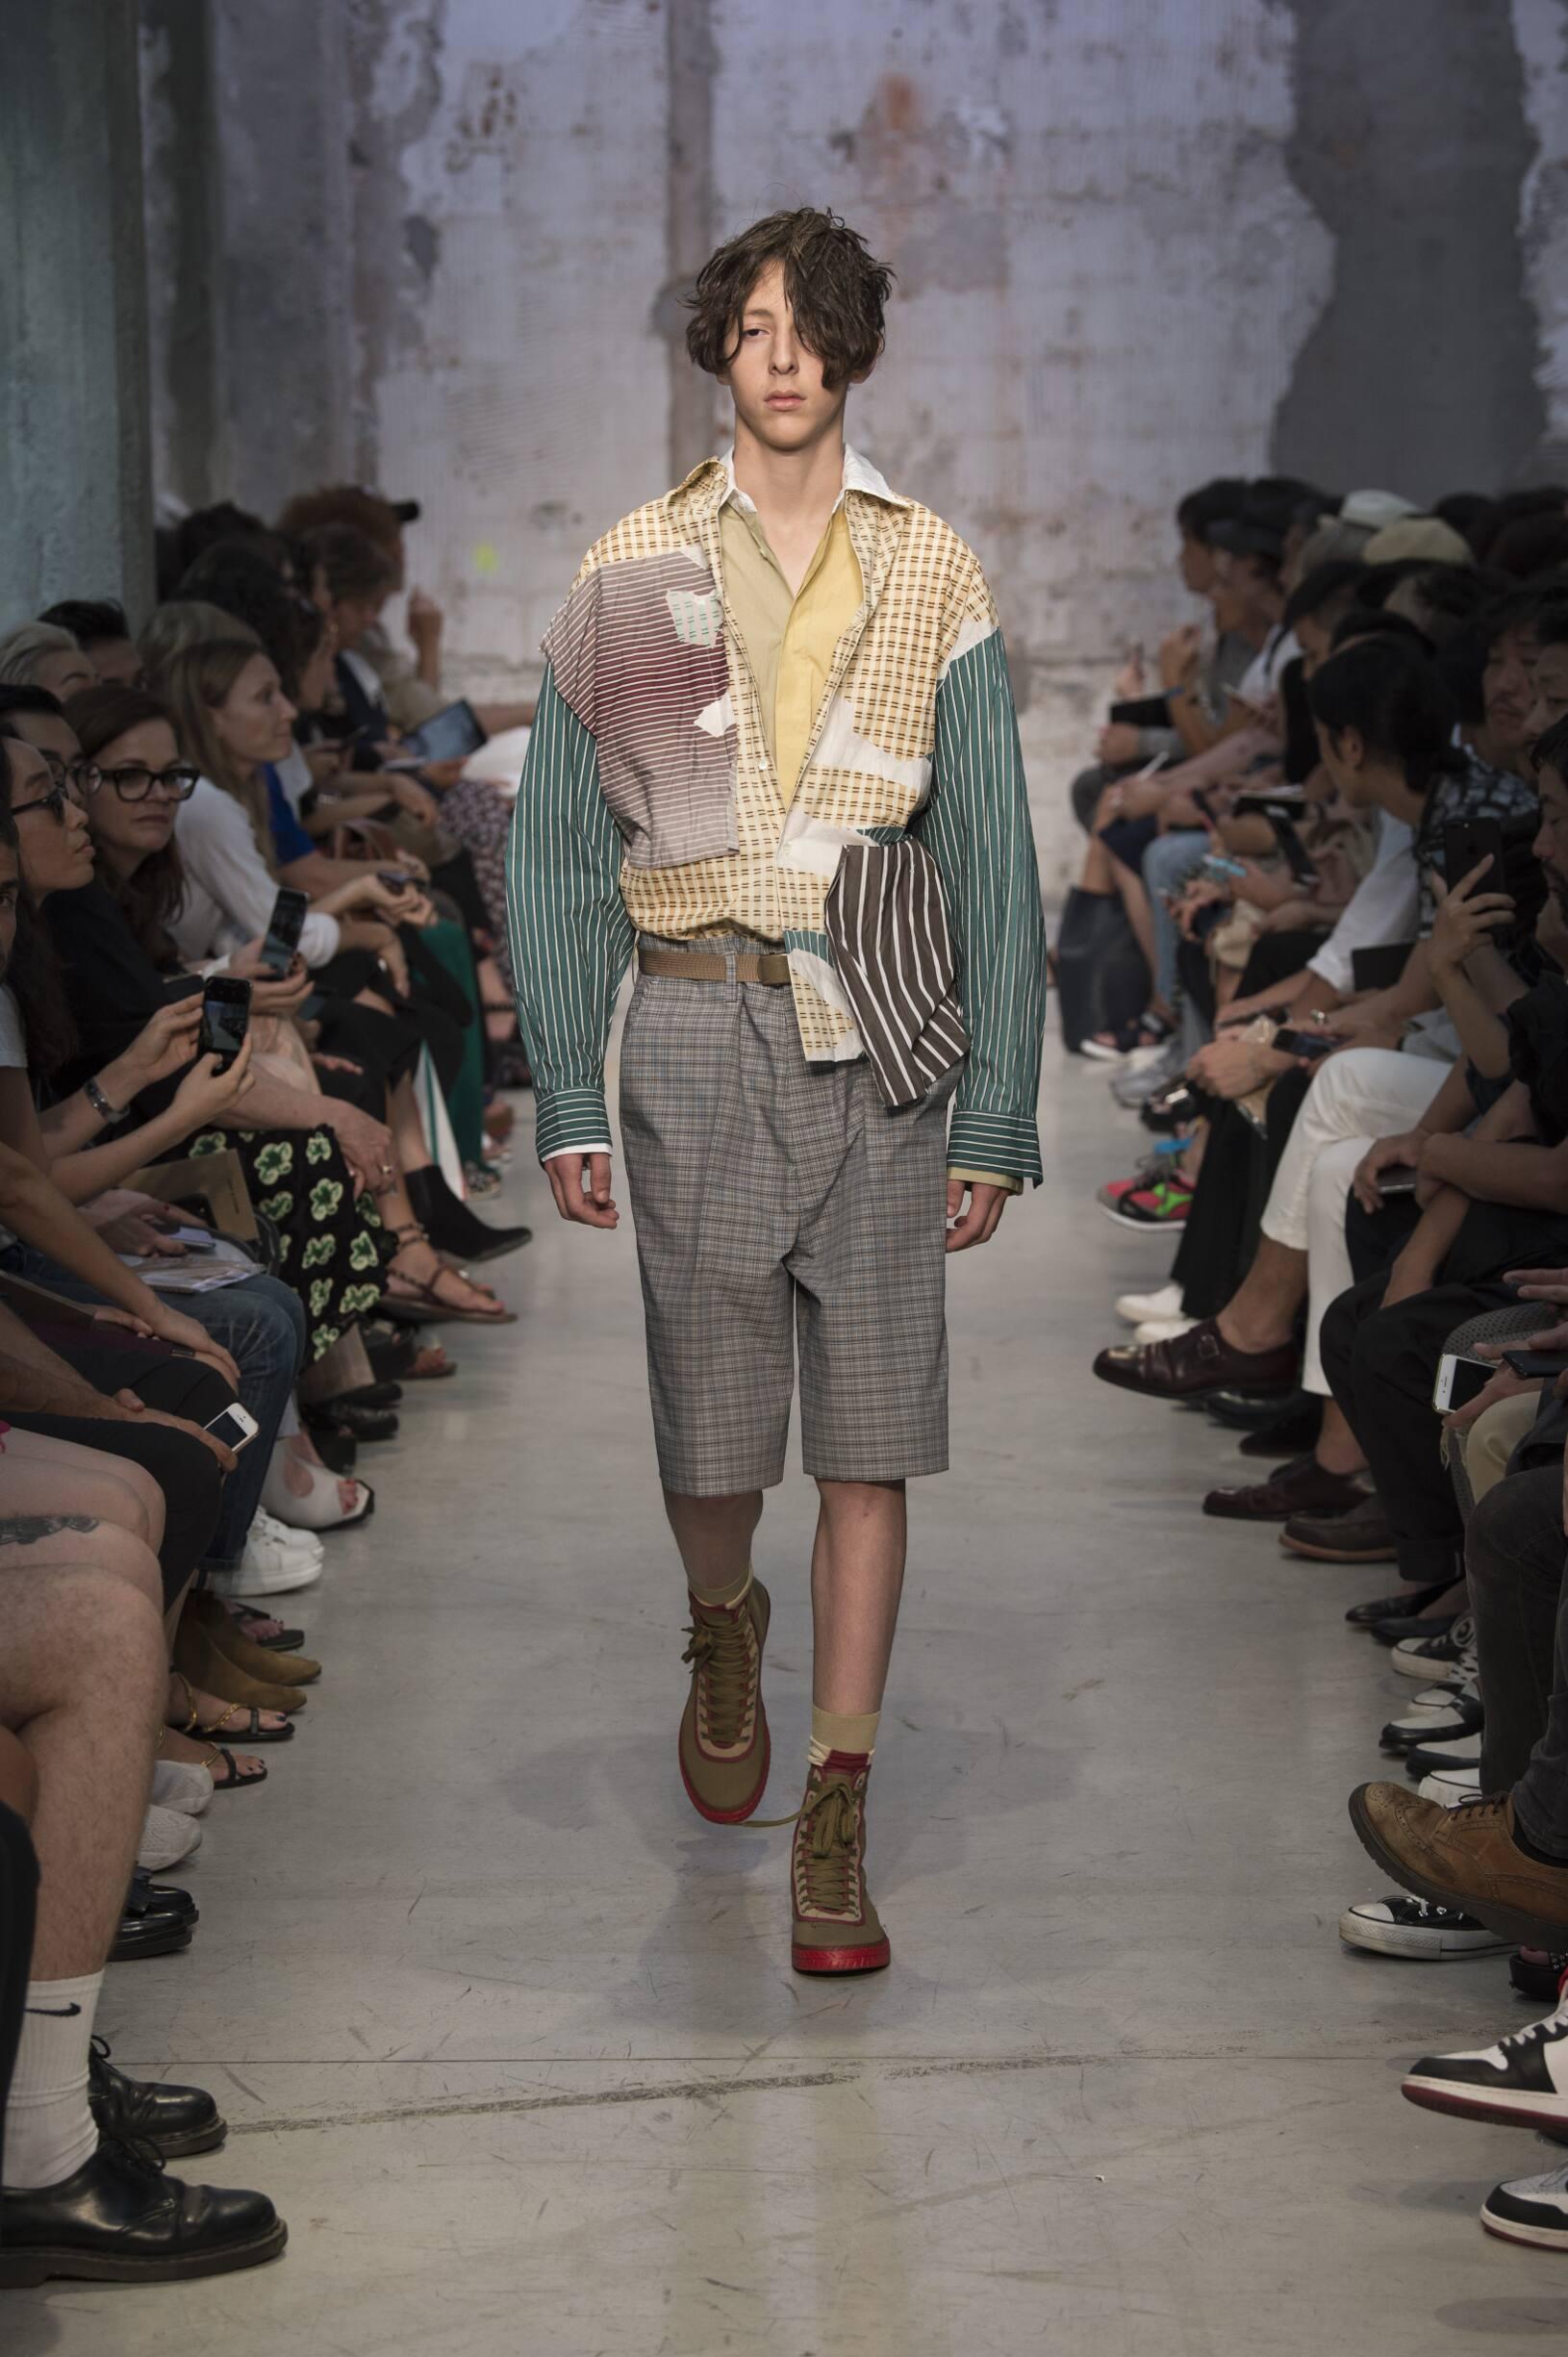 2018 Catwalk Marni Man Fashion Show Summer